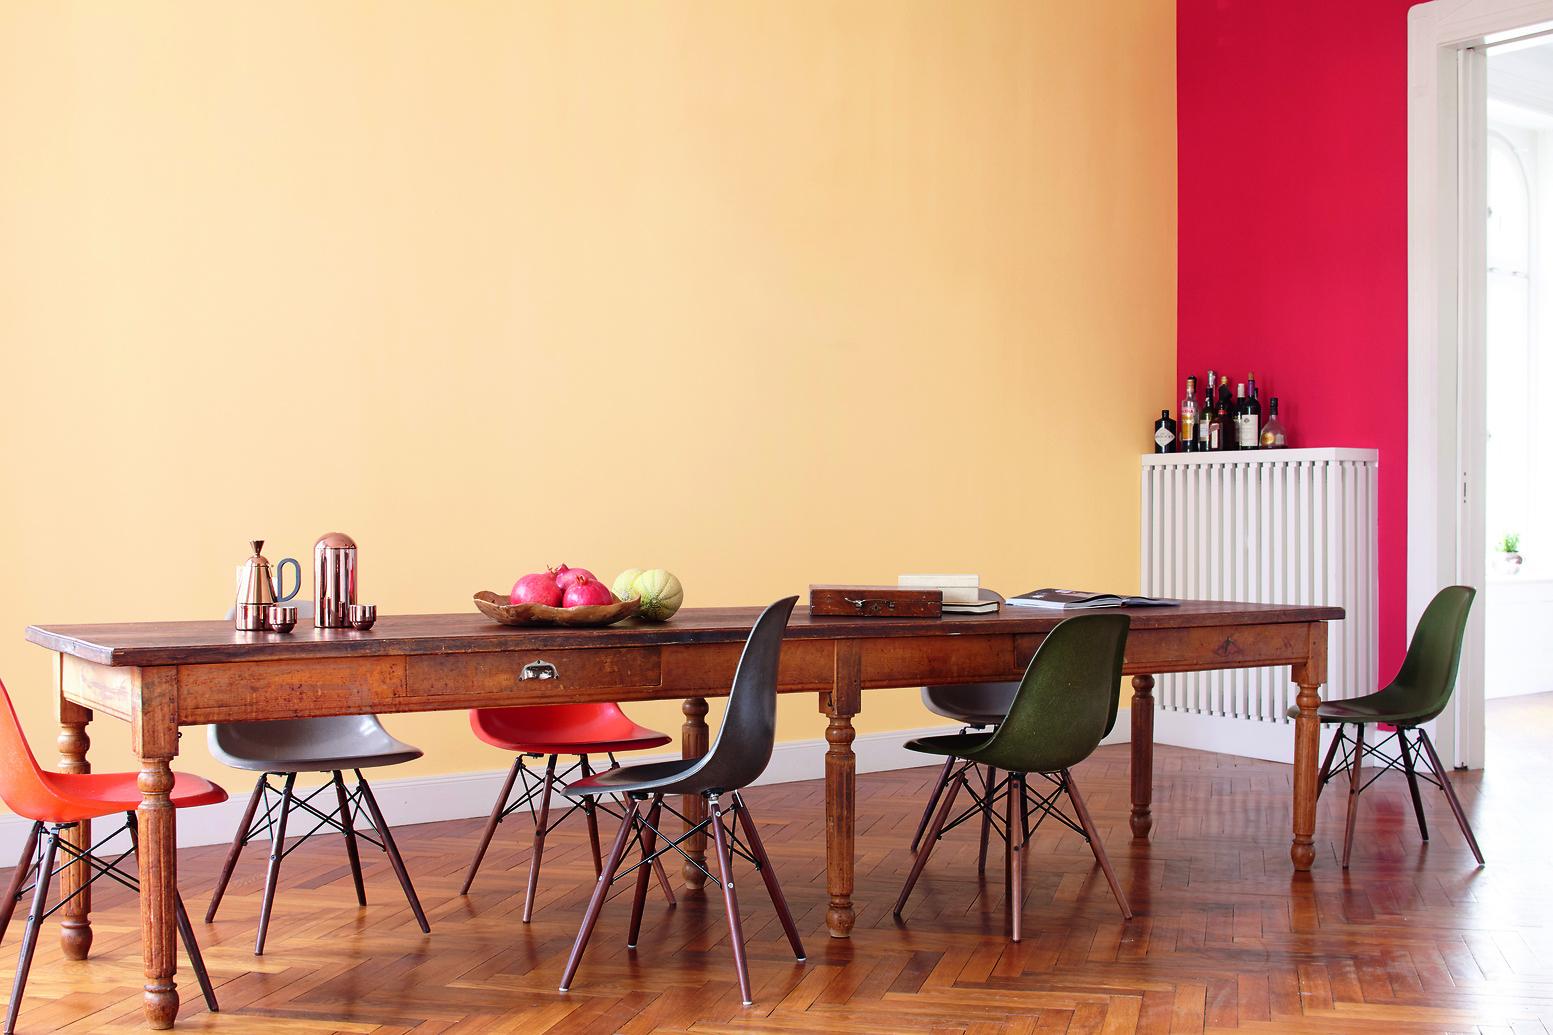 AF019137_47_Esszimmer_Sweet_Home_031_Farbrezepte_ohne_Lampe. Orangetöne Im  Wohnzimmer Wirken Warm Und Aktivierend.